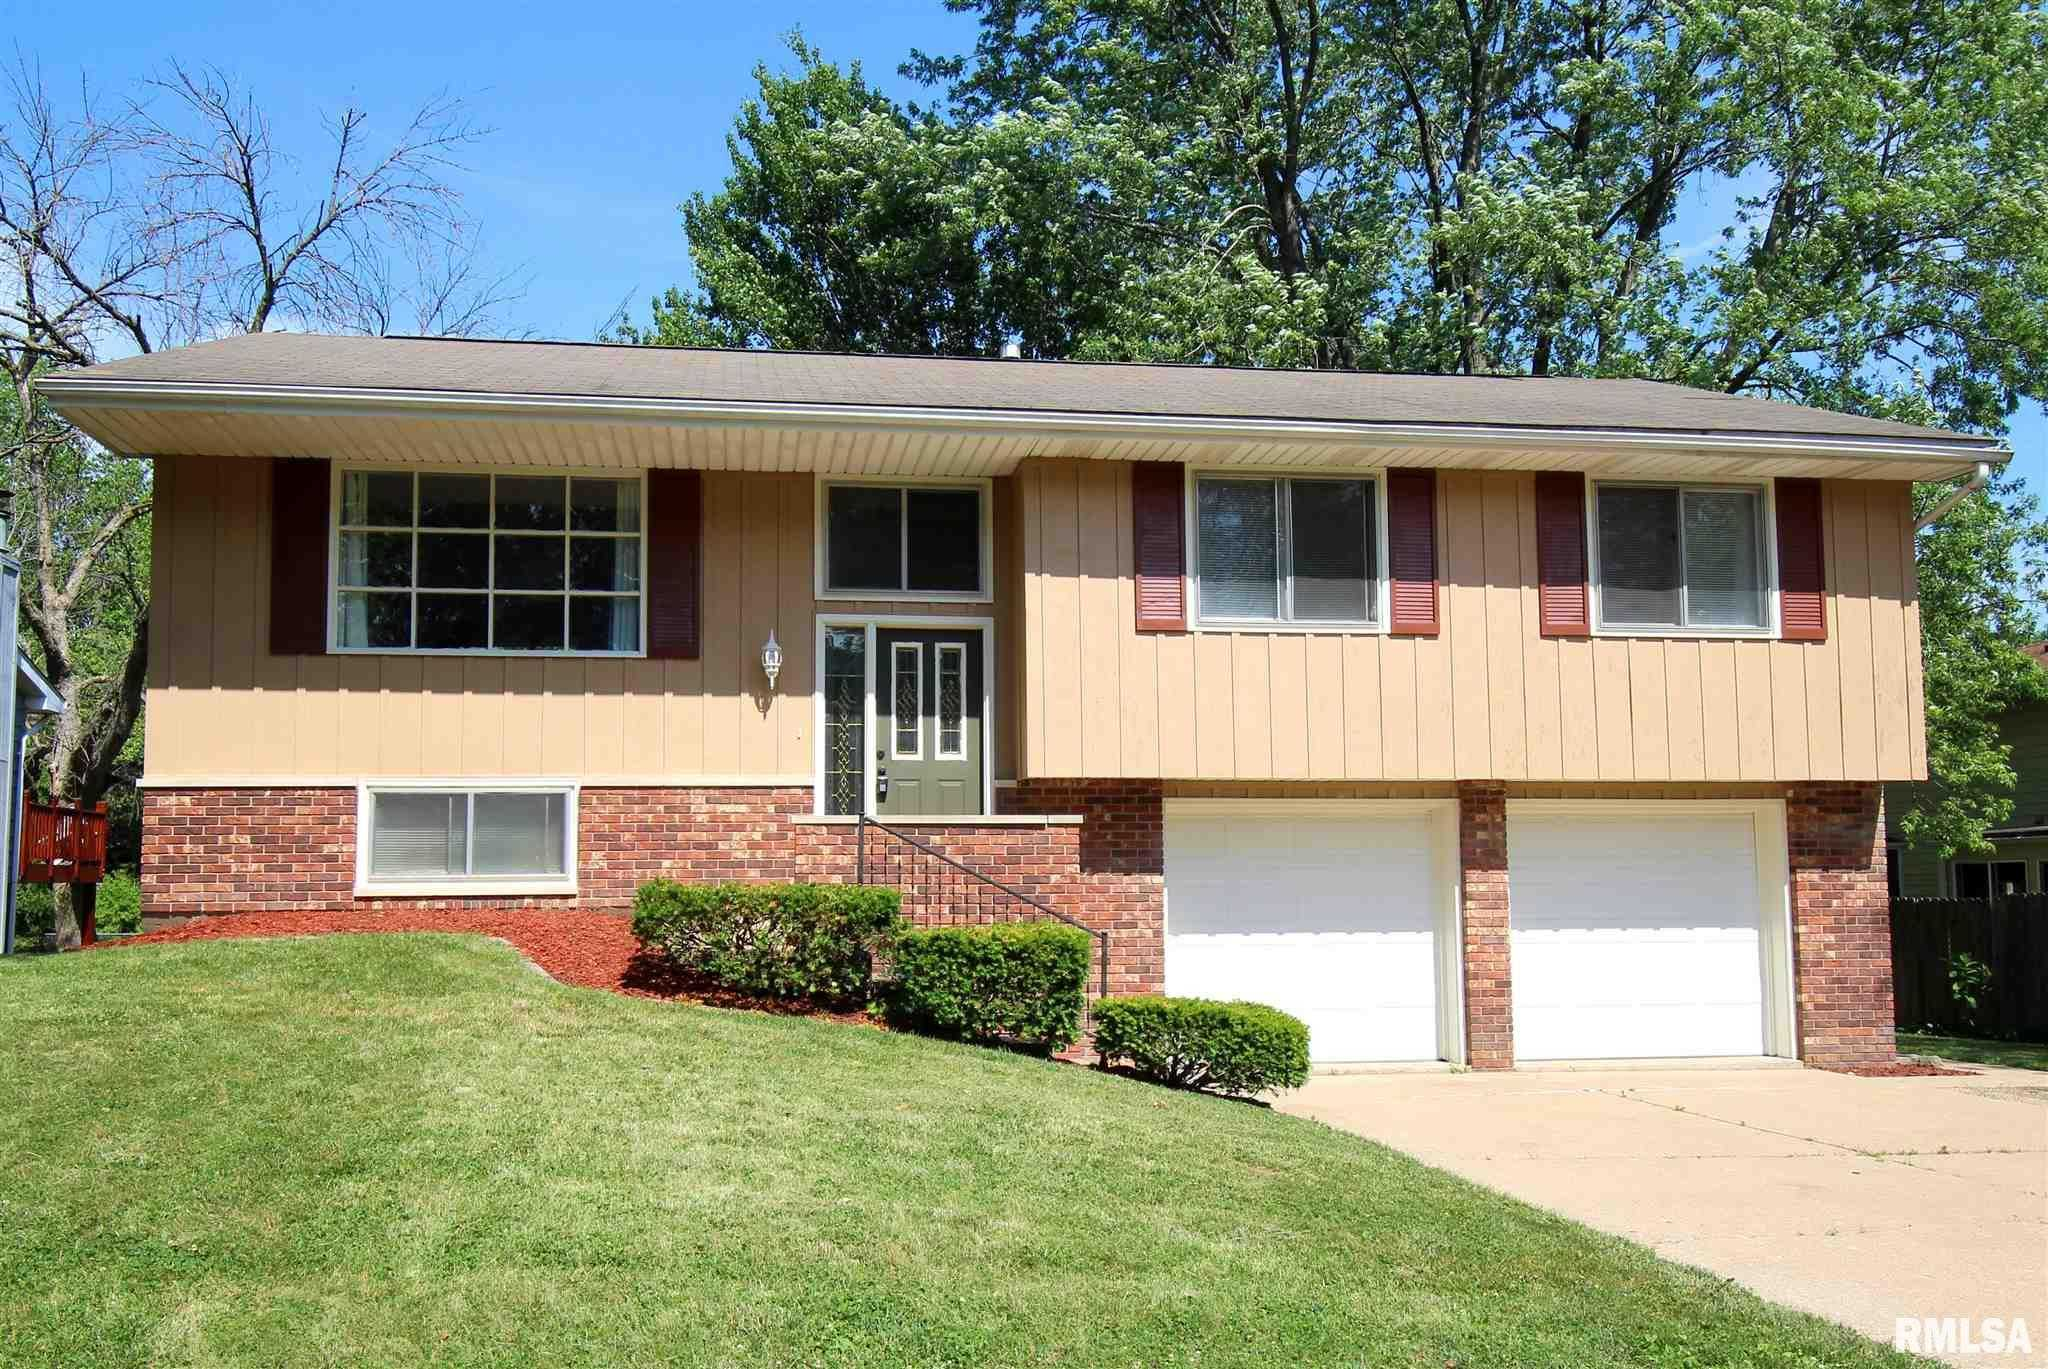 $118,900 - 3Br/3Ba -  for Sale in Lexington Knolls, Peoria